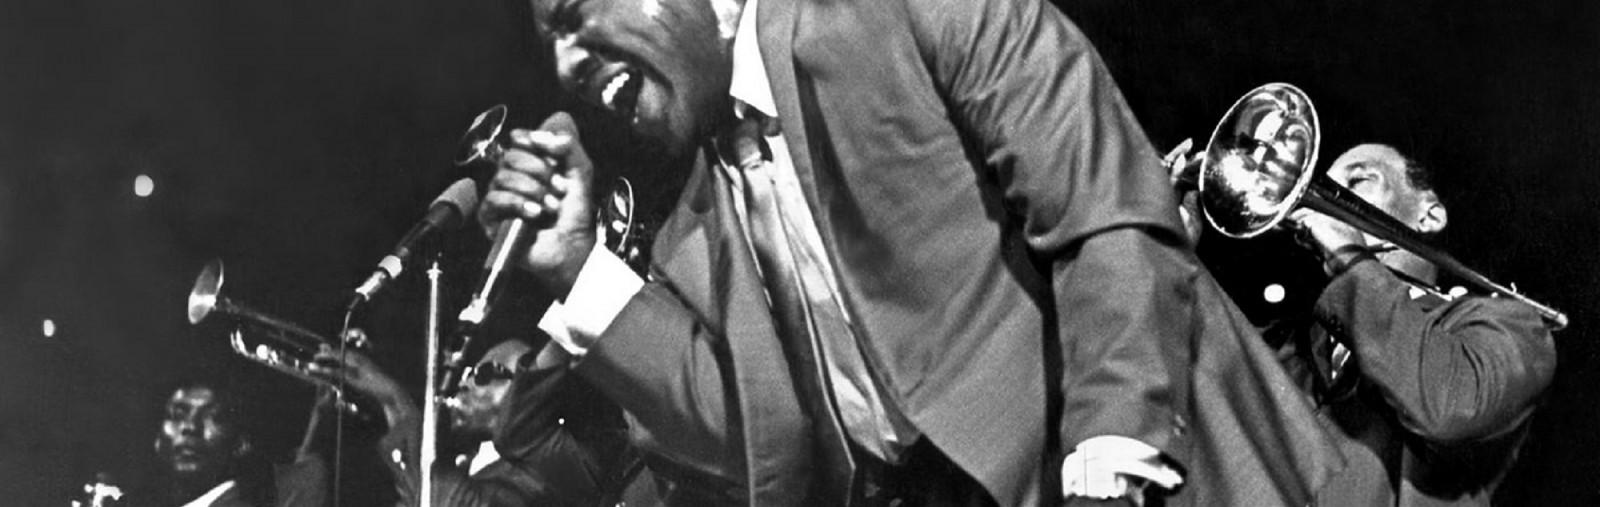 50 שנה לאובדן פעמון החופש שהיה אוטיס רדינג